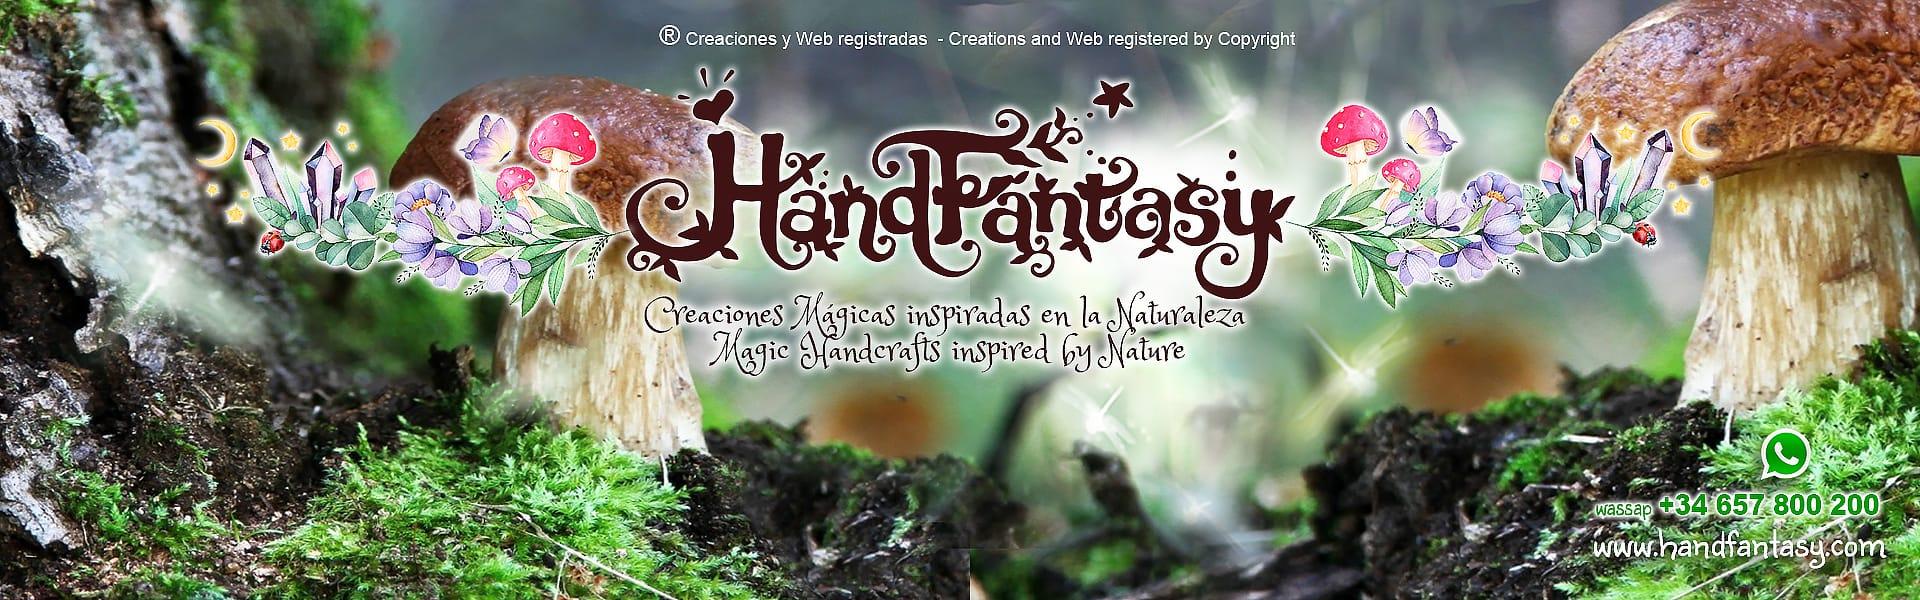 Creaciones Mágicas inspirada en la Naturaleza, artesanía de hadas, Magic handcrafts inspired by Nature